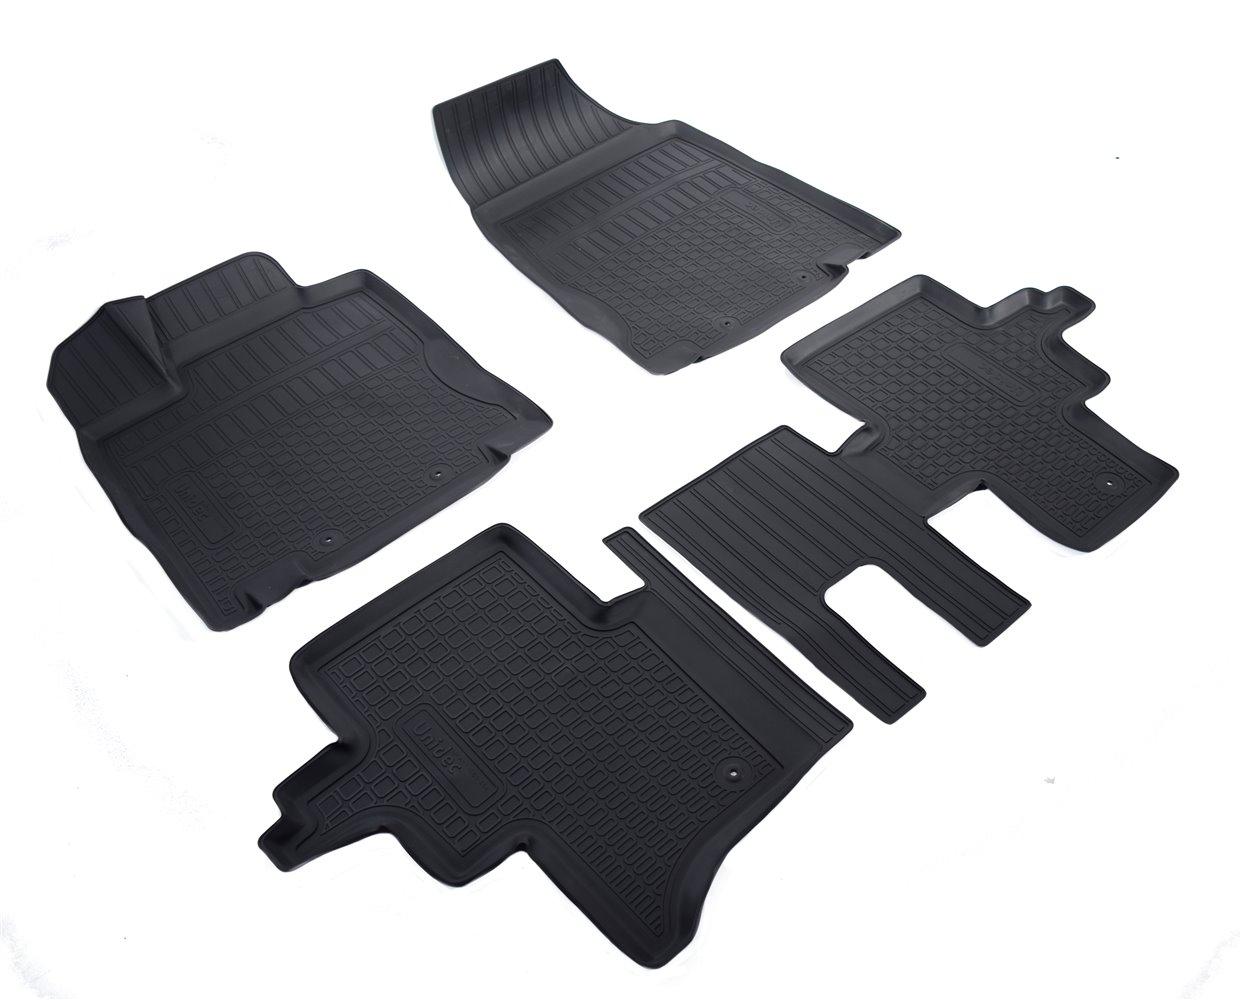 Коврики в салон автомобиля Norplast для Nissan Pathfinder (R52) 3D (2014) (5 мест), NPA11-C61-454, черный